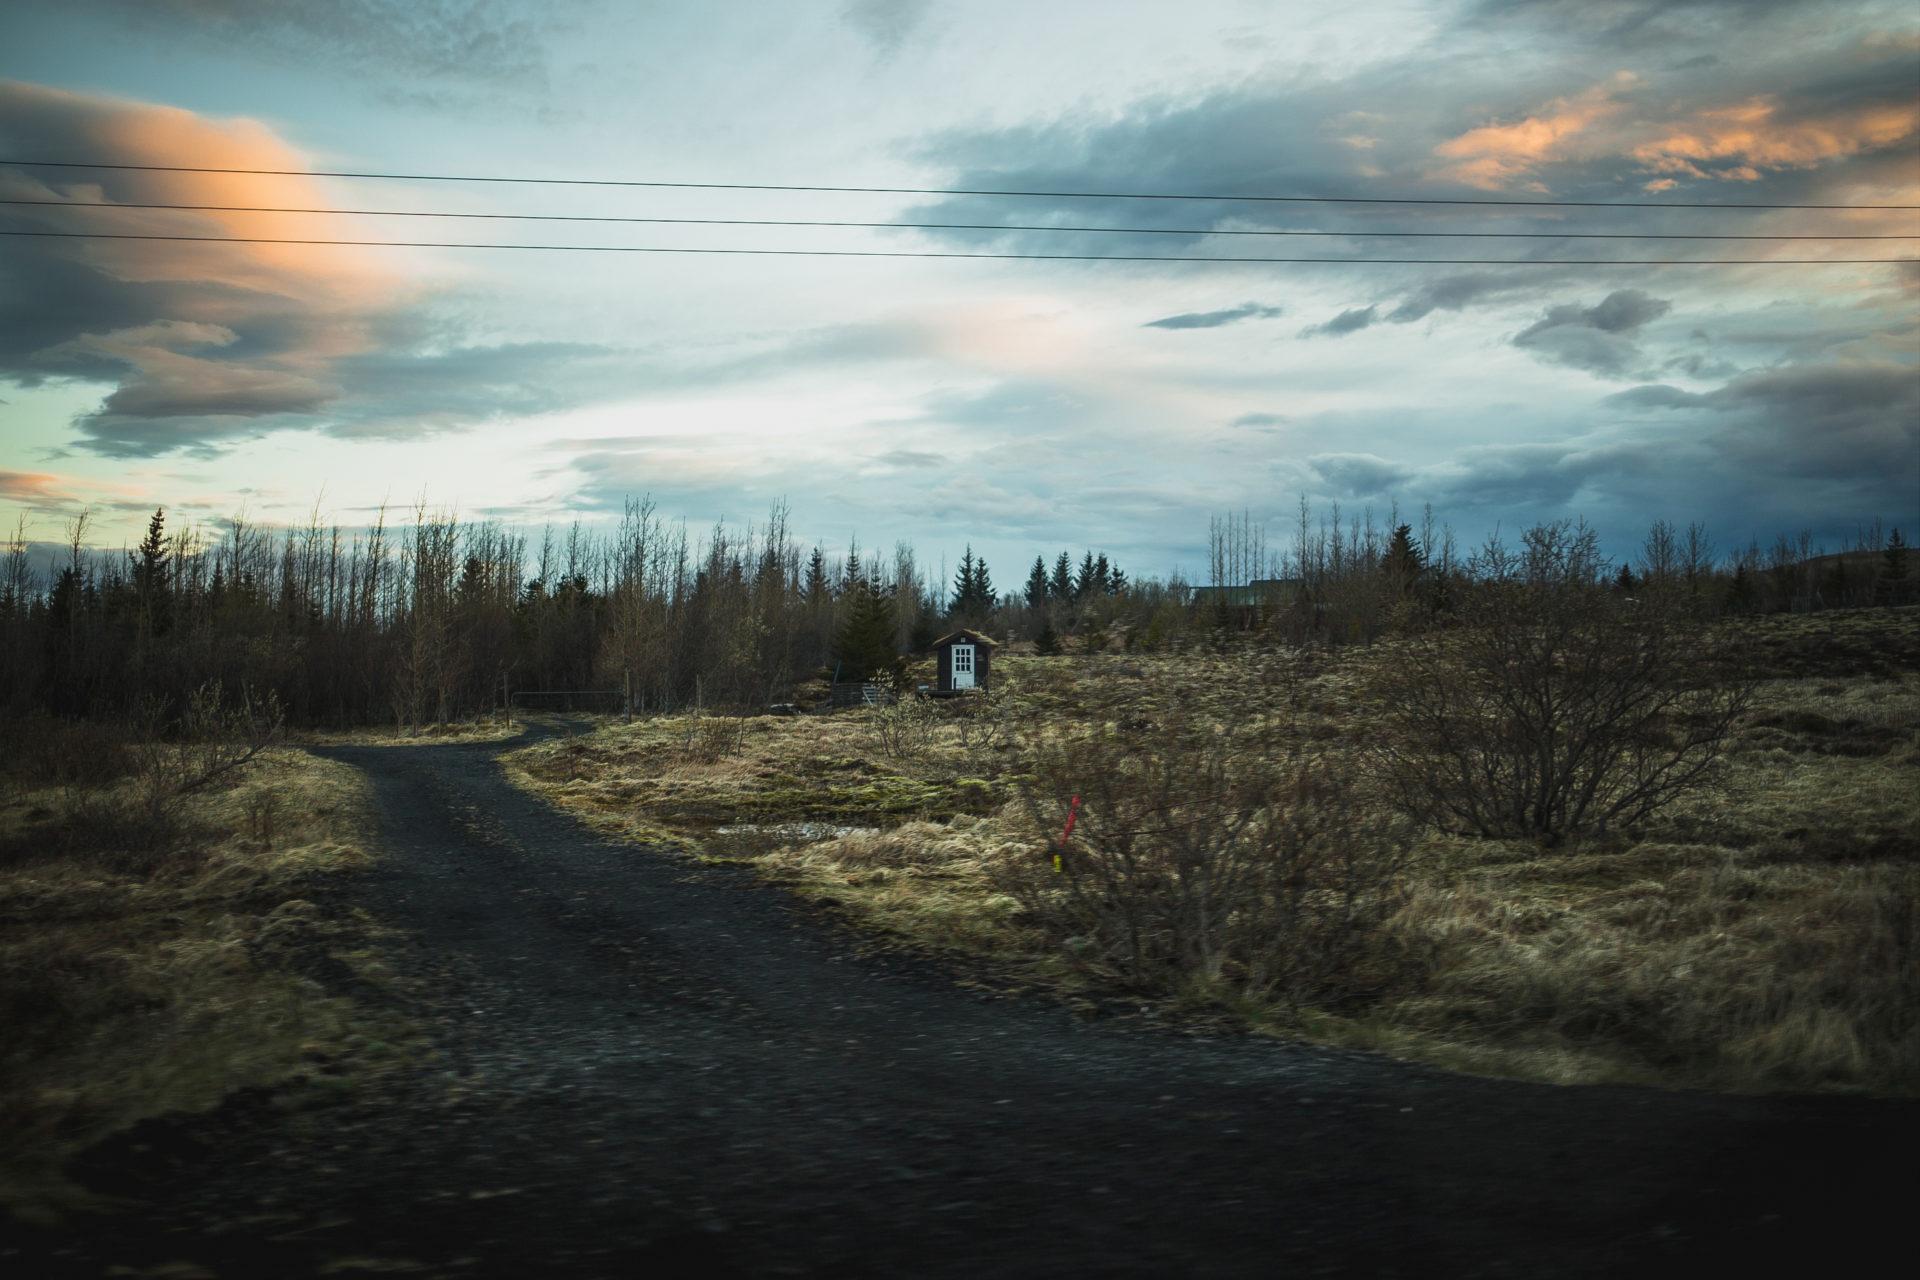 Iceland_Island_0011_Carolin-Weinkopf